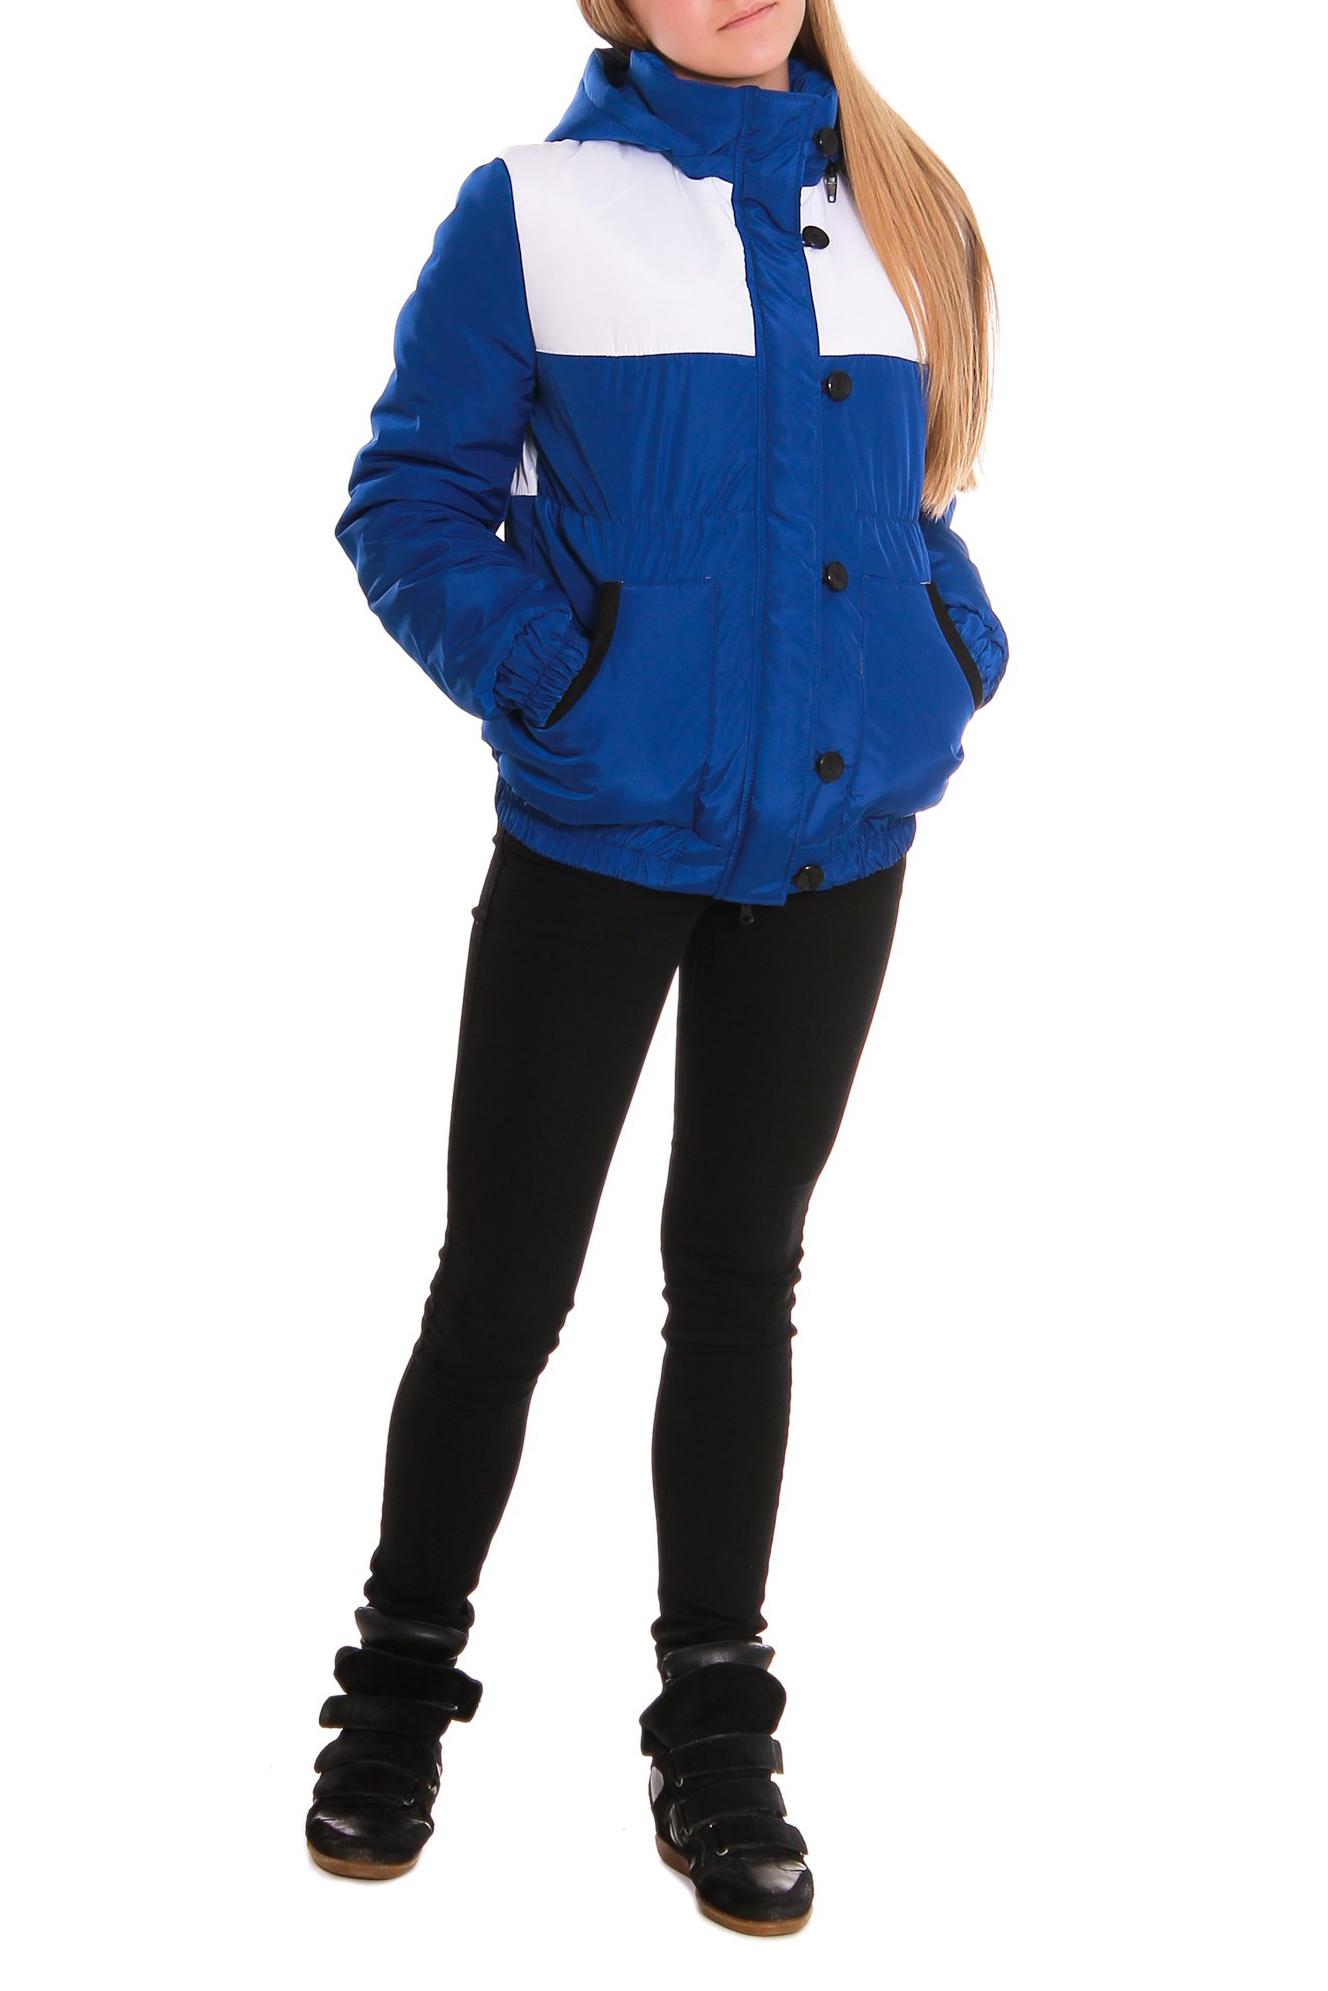 КурткаКуртки<br>Куртка прямого силуэта с кокетками на передней и задней частях изделия. Накладные карманы, вход окантован. Застежка на молнию, с планкой и пуговицами. Низ изделия и рукава на резинке. Капюшон на разъемной молнии, Воротник стойка. Рукав втачной, двушовный.  Утеплитель - Termofinn – это новый продукт текстильной промышленности на российском рынке, как результат качественного совмещения финских технологий с отечественным производством.  Termofinn - очень мягкий и теплый, эффективен при низких температурах, быстро высыхает, отлично сохраняет форму после стирки, экологичный и безопасный.  Длина рукава - 62 см  Длина изделия - 66 ± 2 см<br><br>По образу: Город<br>По стилю: Молодежный стиль,Повседневный стиль<br>По материалу: Плащевая ткань<br>По рисунку: Однотонные,Цветные<br>По сезону: Весна,Осень<br>По элементам: С карманами,С воротником,С декором,С капюшоном<br>По длине: Короткие<br>Воротник: Стойка<br>Рукав: До локтя,Длинный рукав<br>Застежка: С молнией<br>Размер: 44,46,48,50,52<br>Материал: 100% полиэстер<br>Количество в наличии: 9